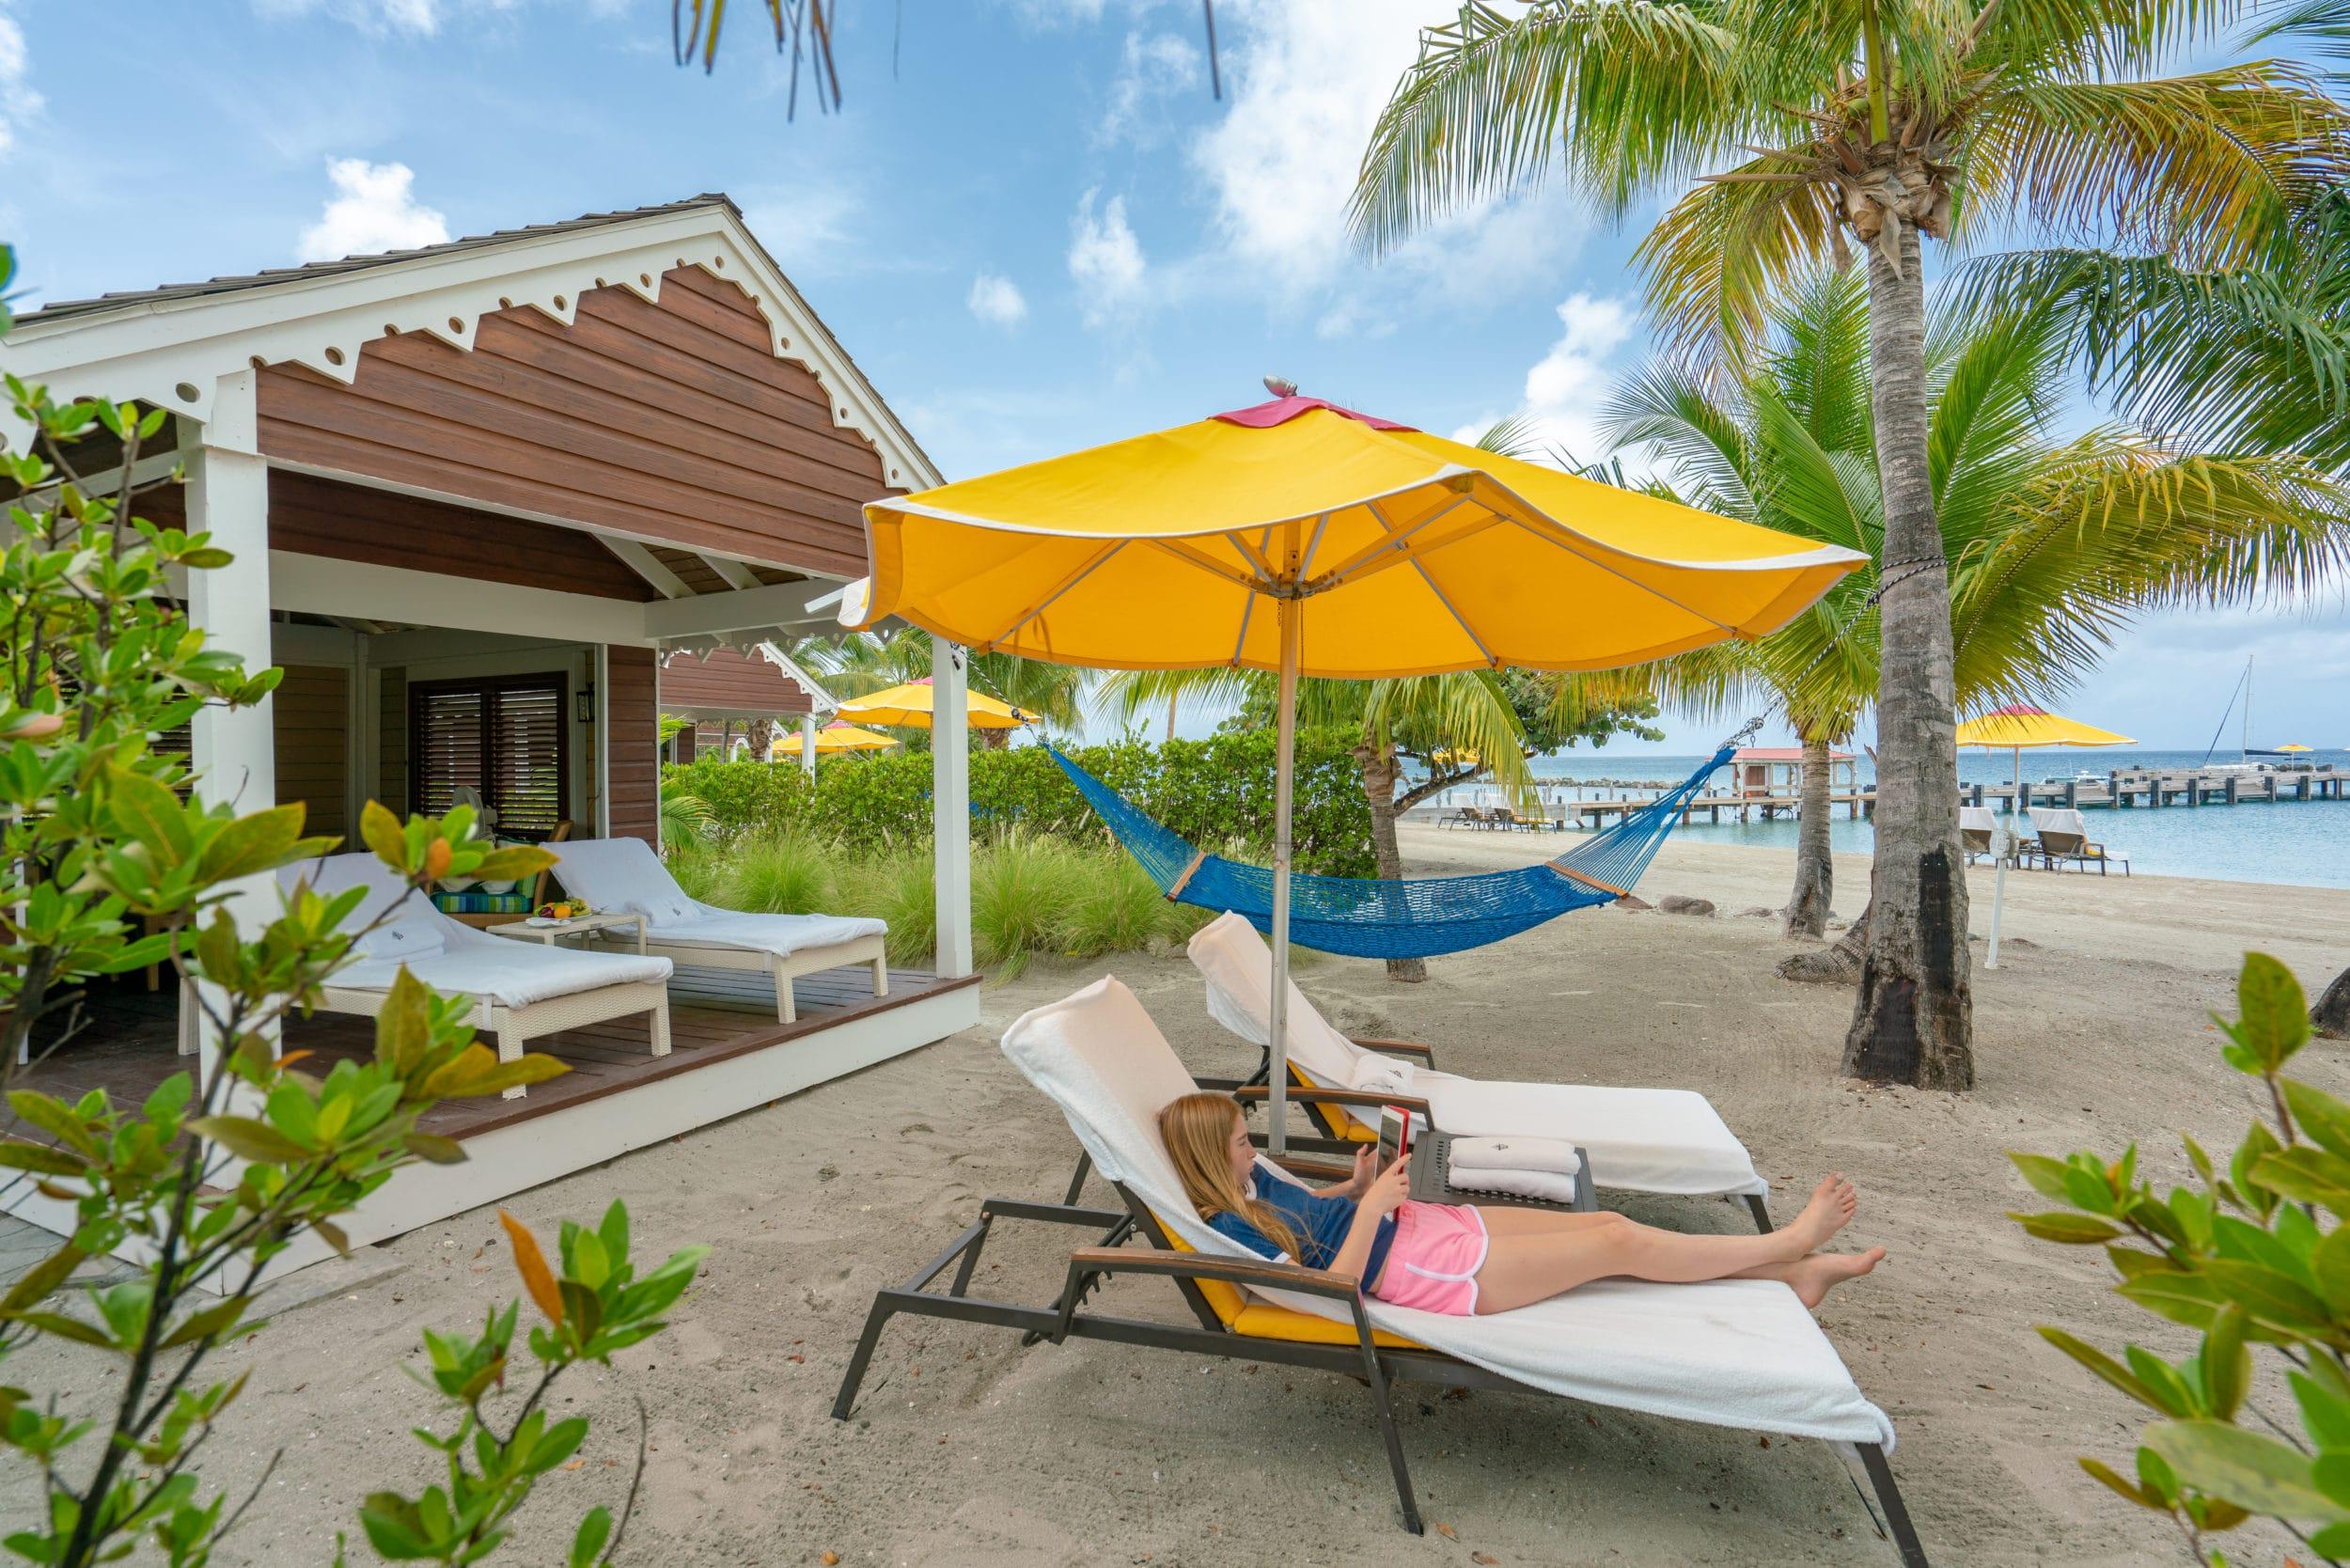 A beach cabana at Four Seasons Nevis